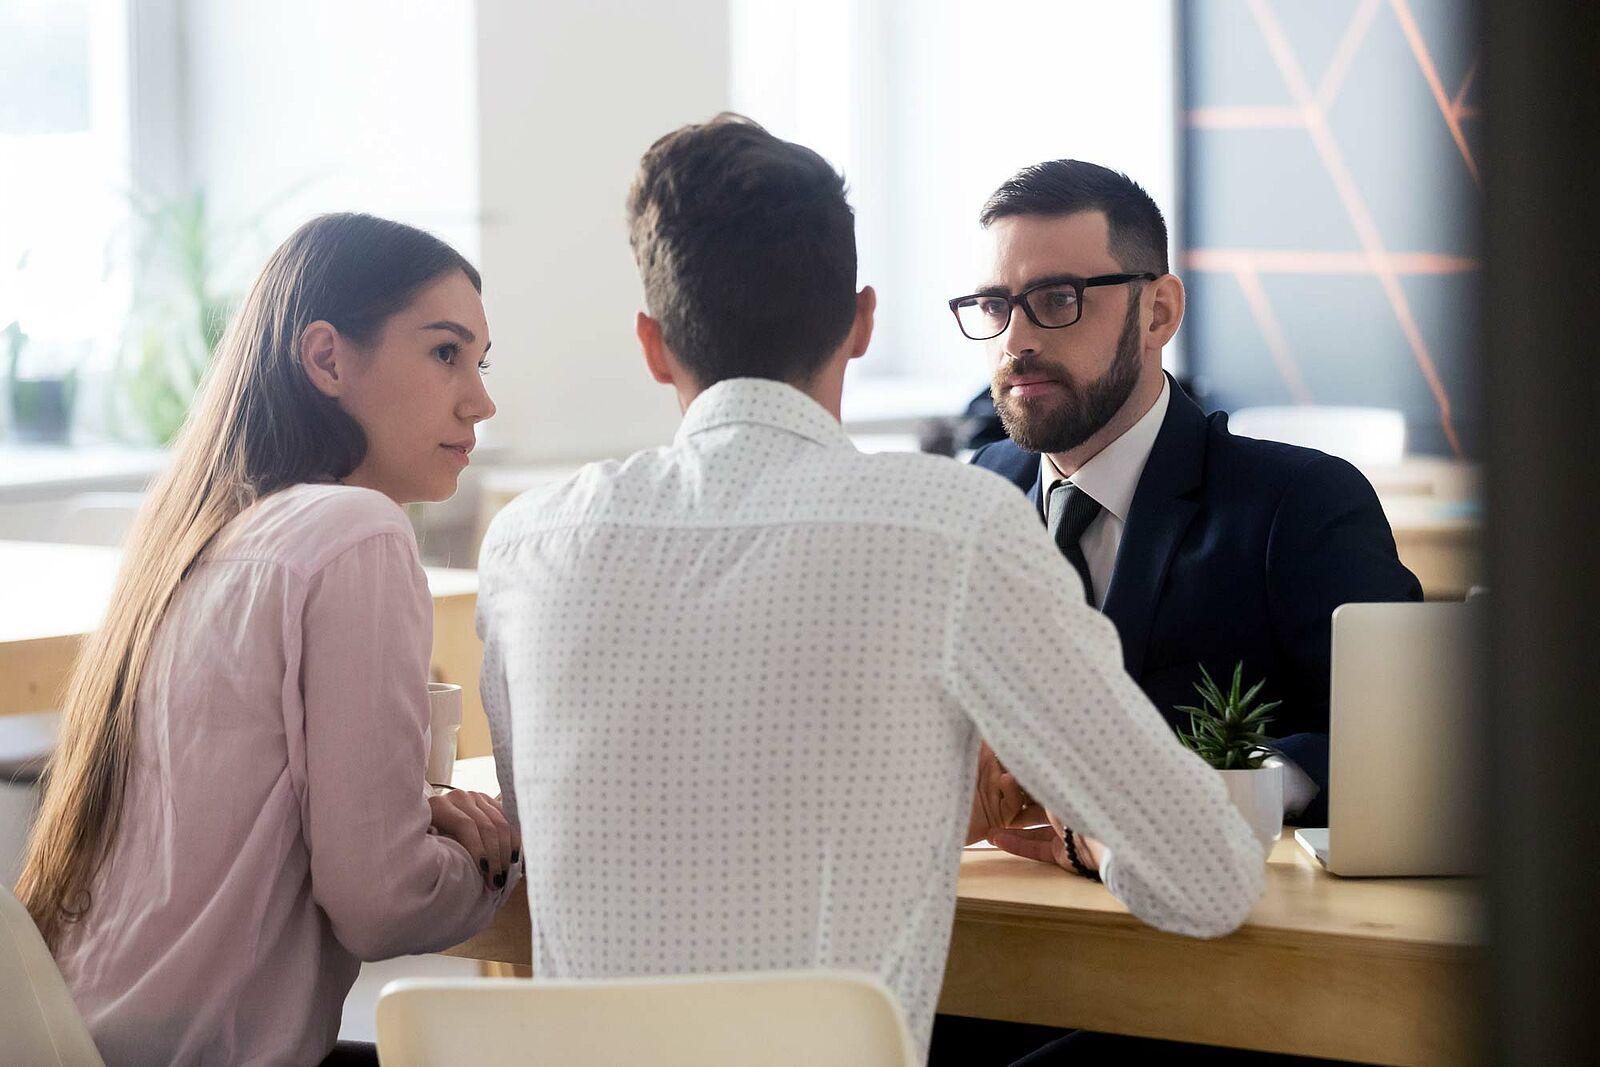 Junges Paar sitzt gemeinsam an einem massiven Holztisch und wird von einem Notar beraten.